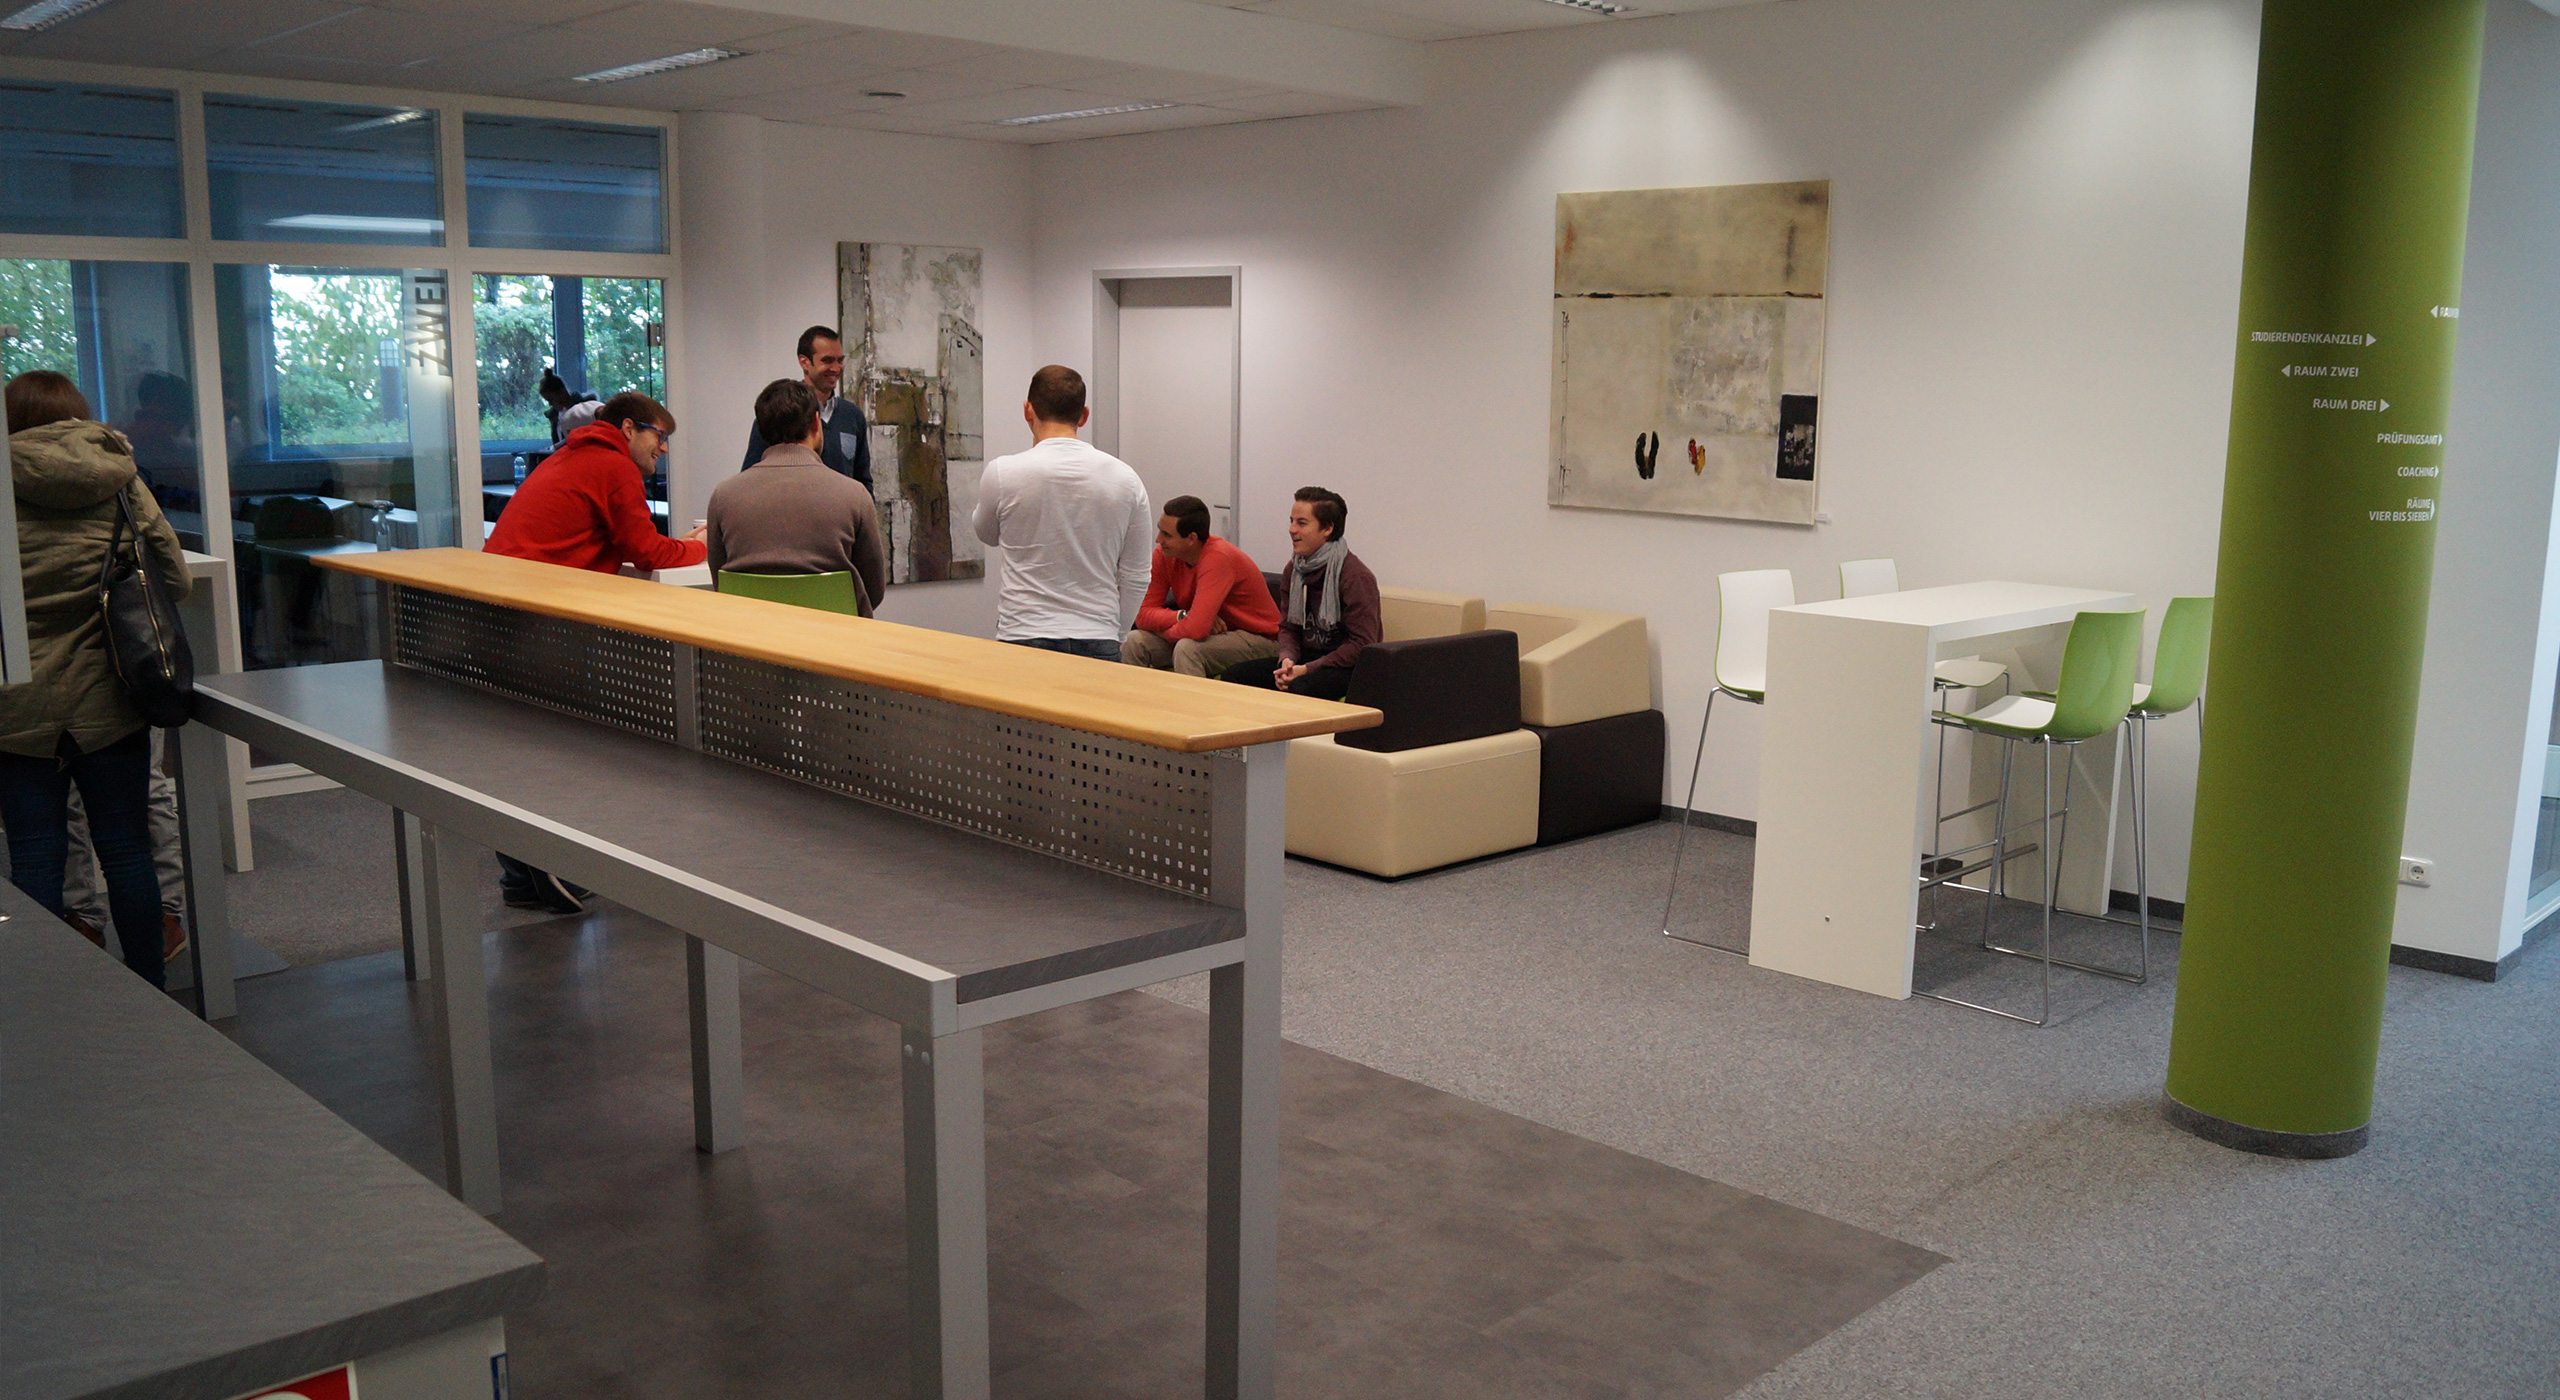 Besprechungsraum mit Tischen und Personen